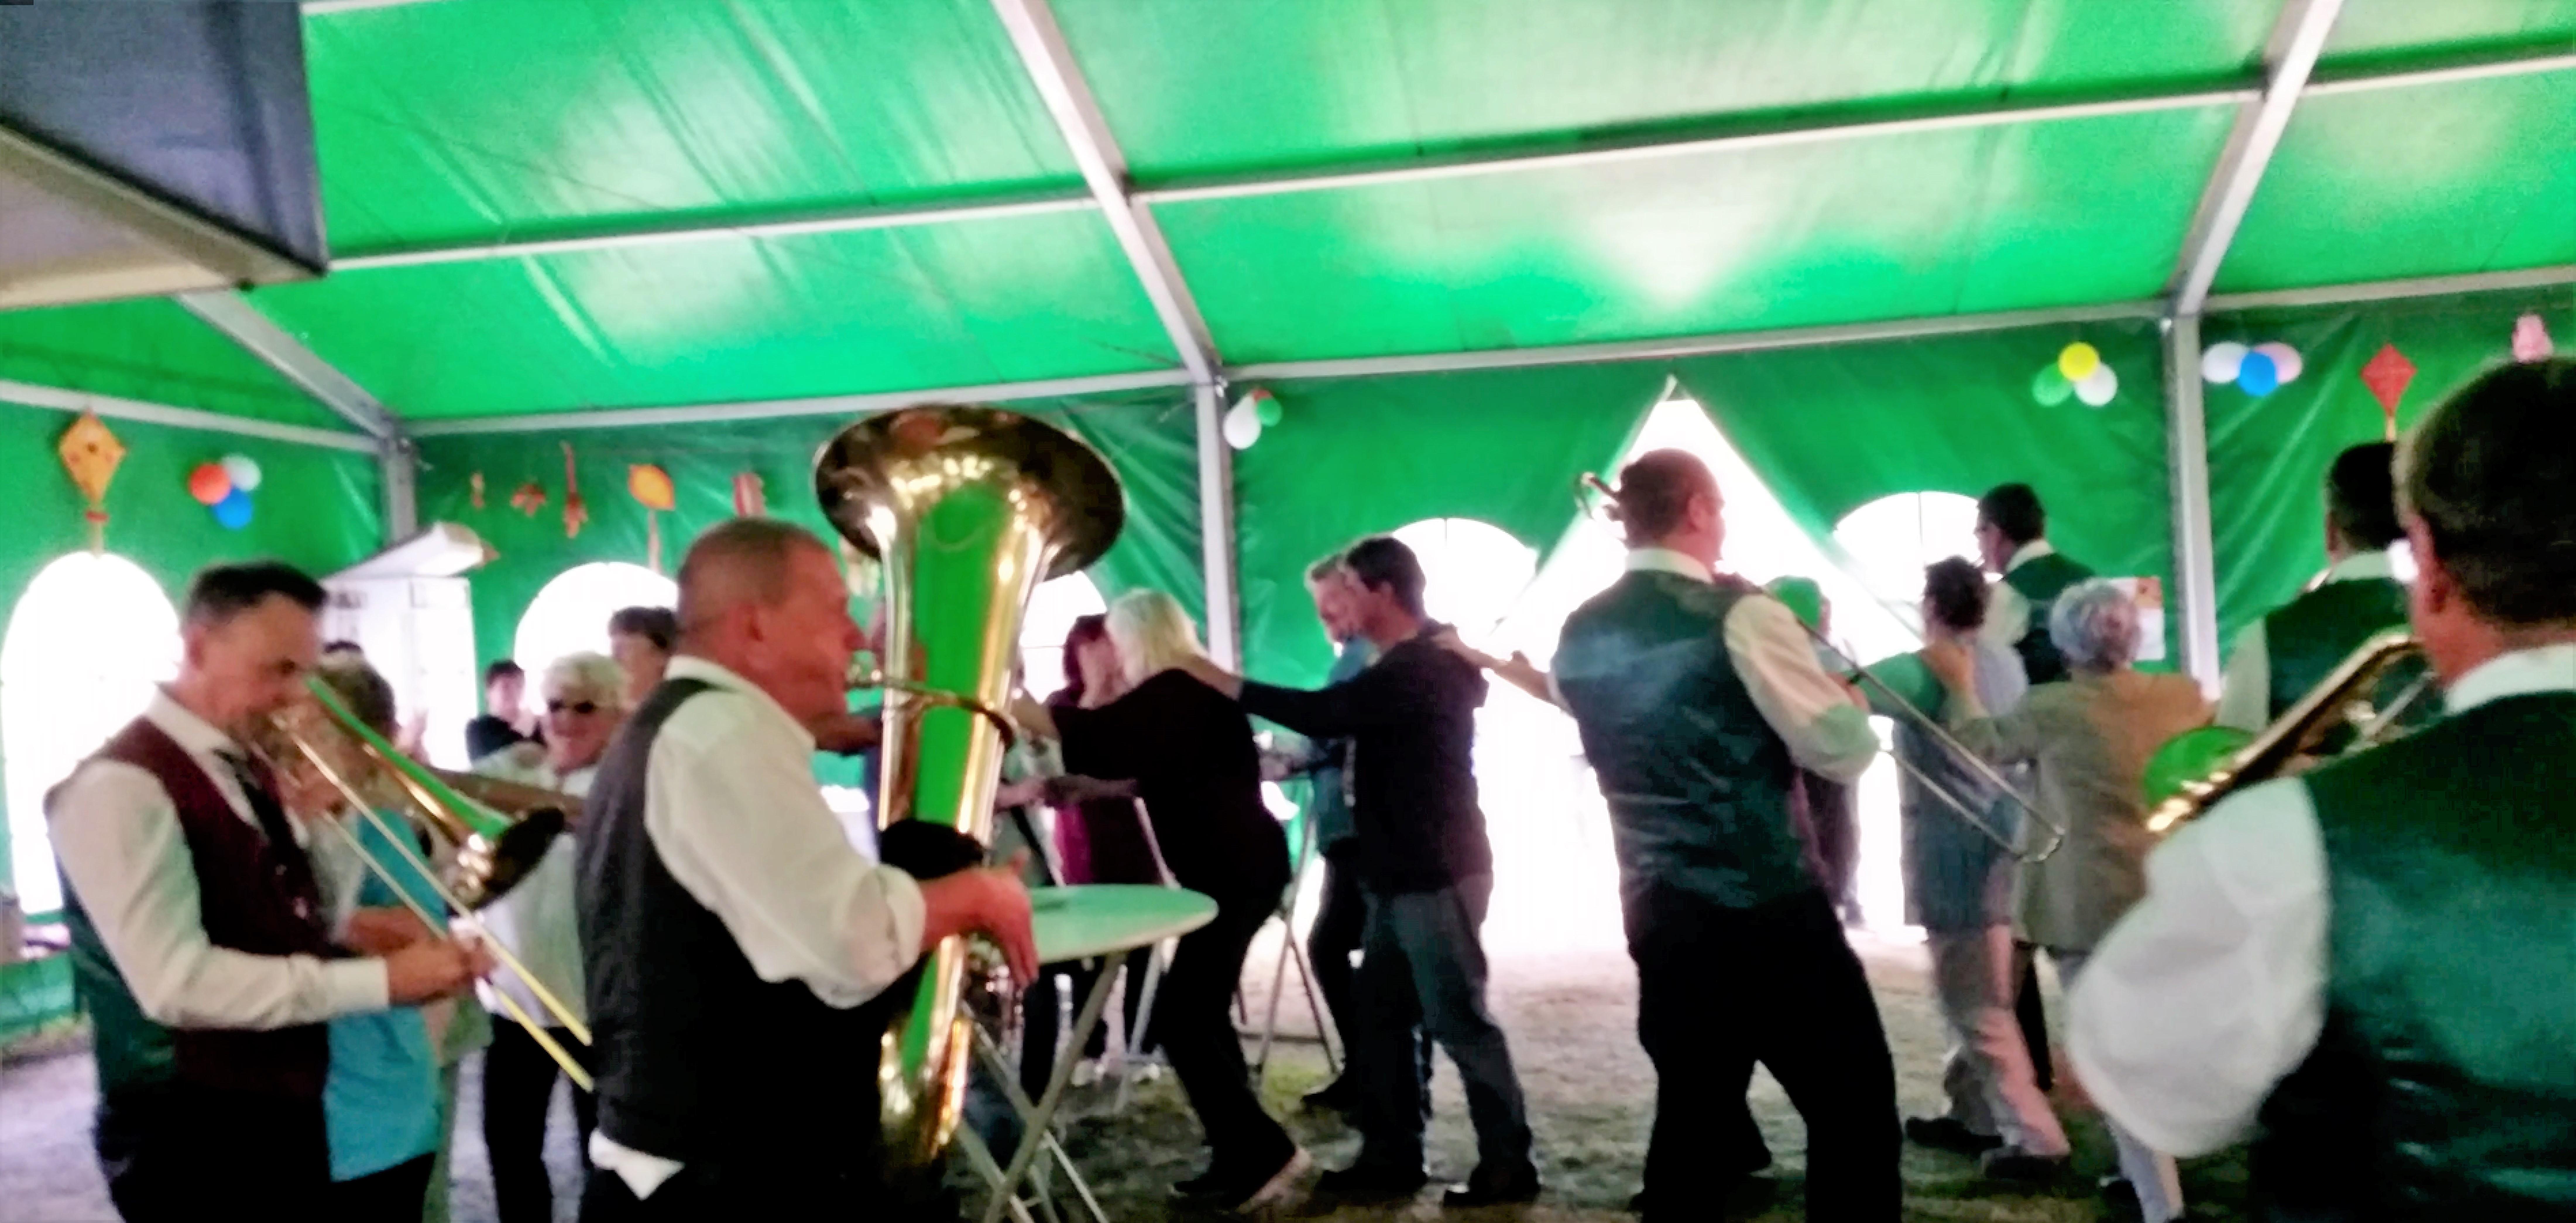 Dorffest Bülzig und Jubiläum des Fastnachtsvereines Bülzig e.V - Blasmusikverein Schenkenberg e.V.